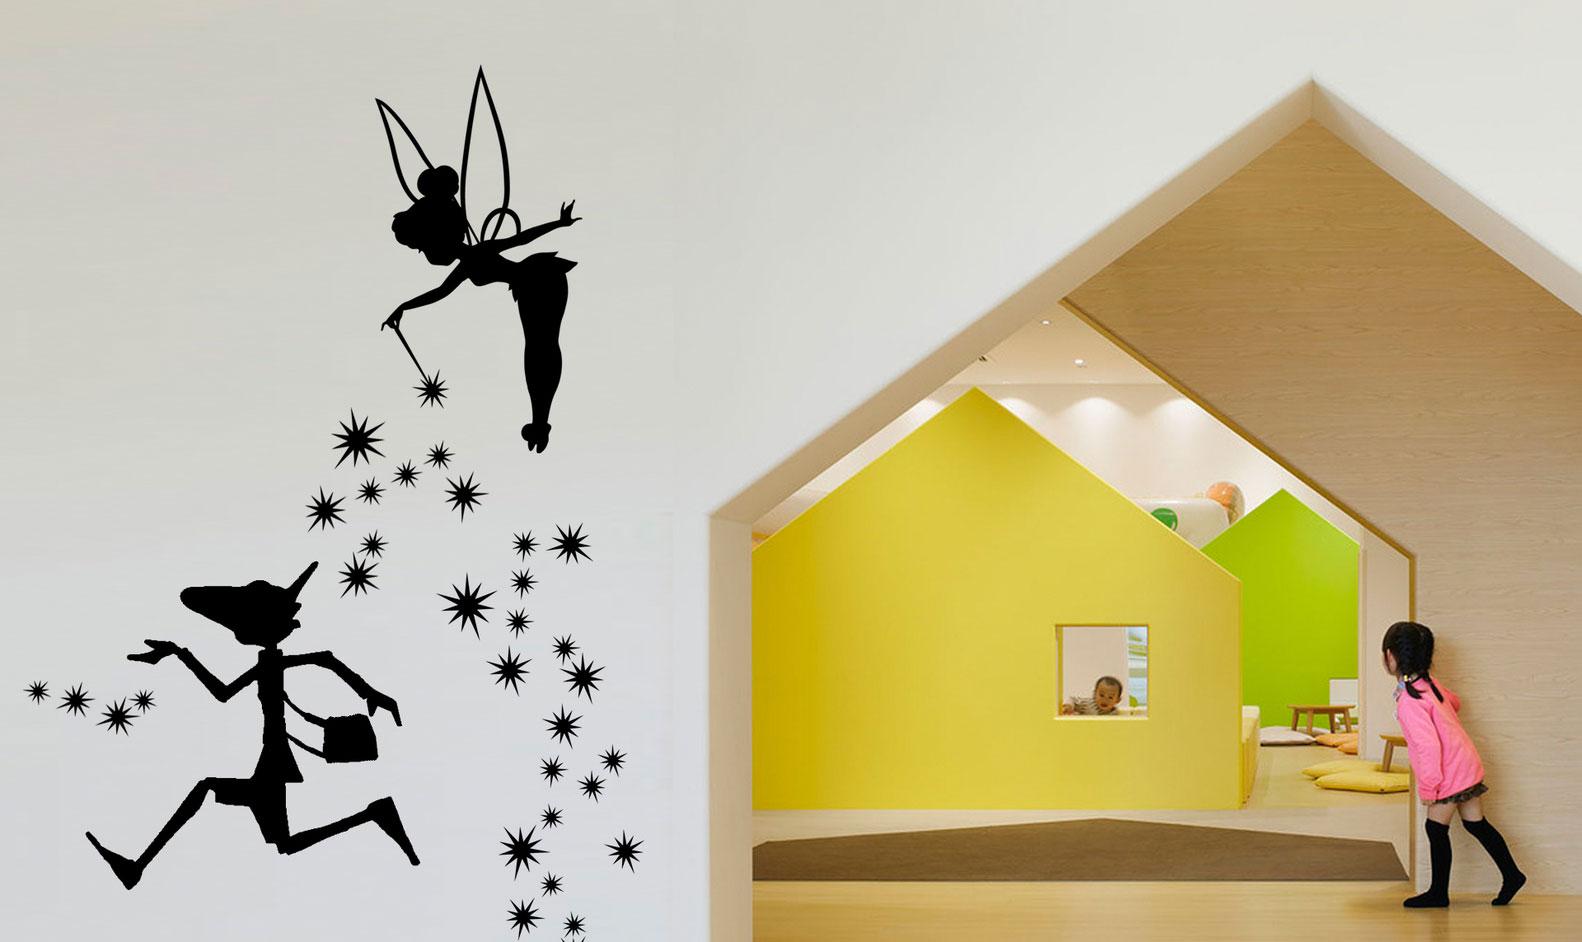 مسابقه بین المللی طراحی کتابخانه کودکان پینوکیو